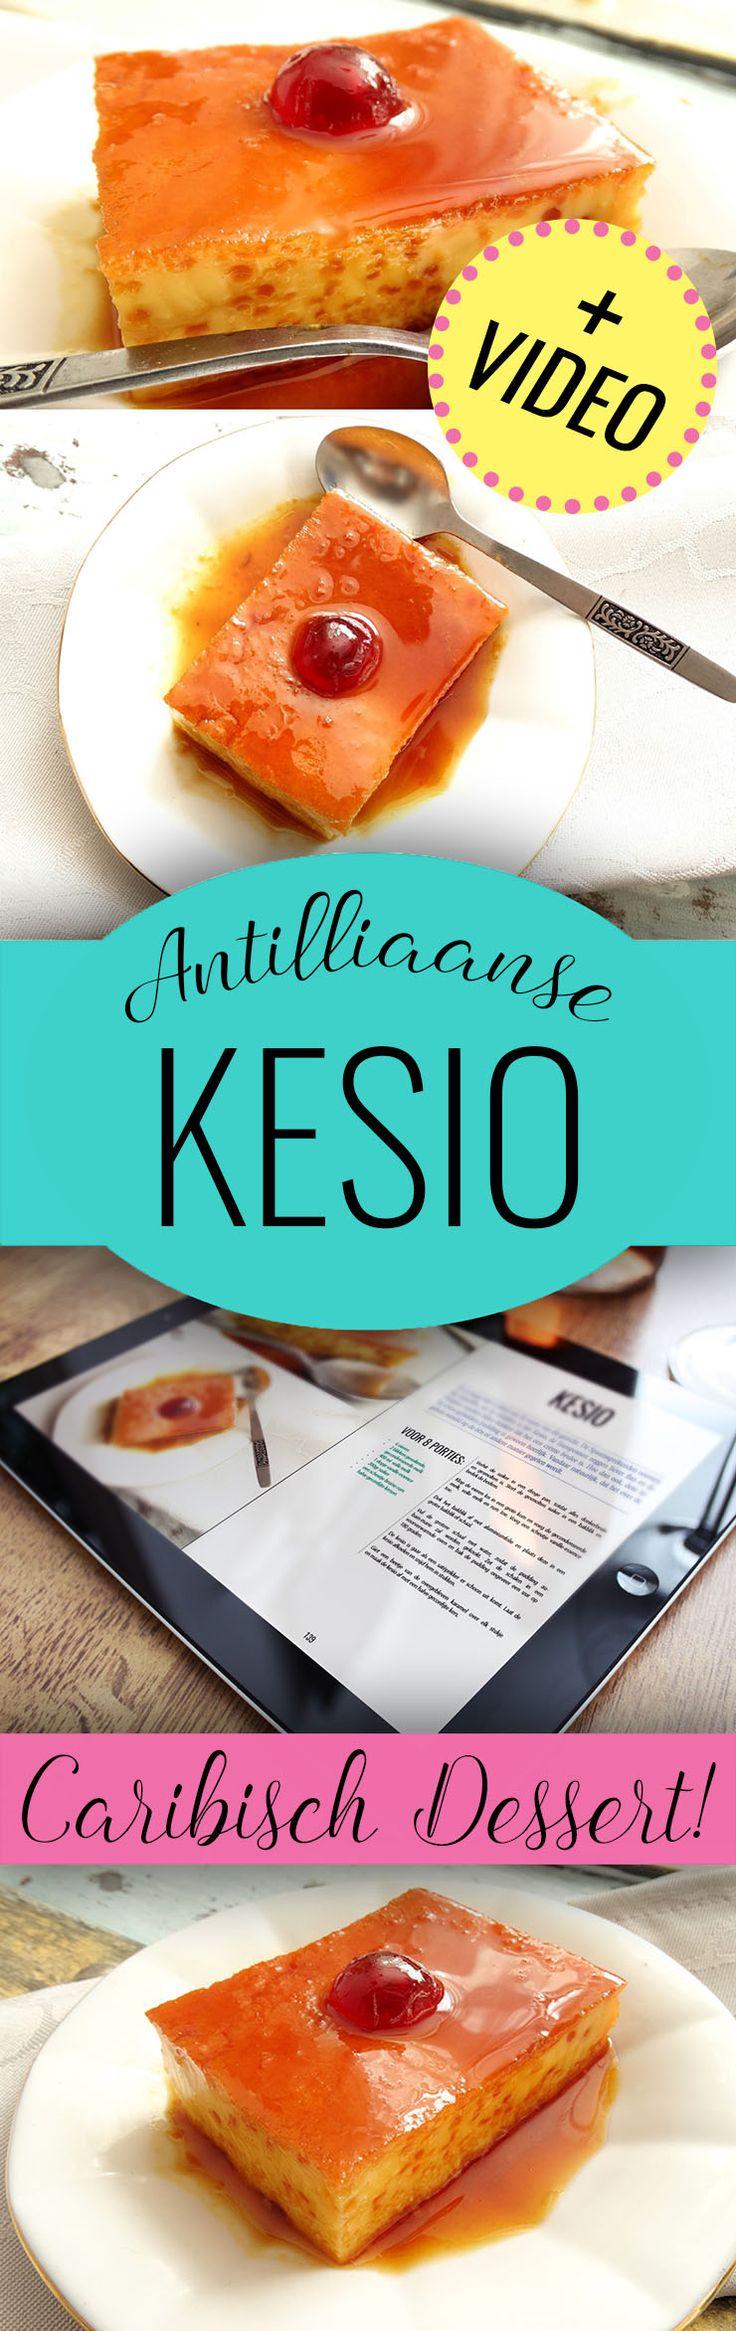 kesio kesiyo quesillo antilliaans toetje dessert recept video